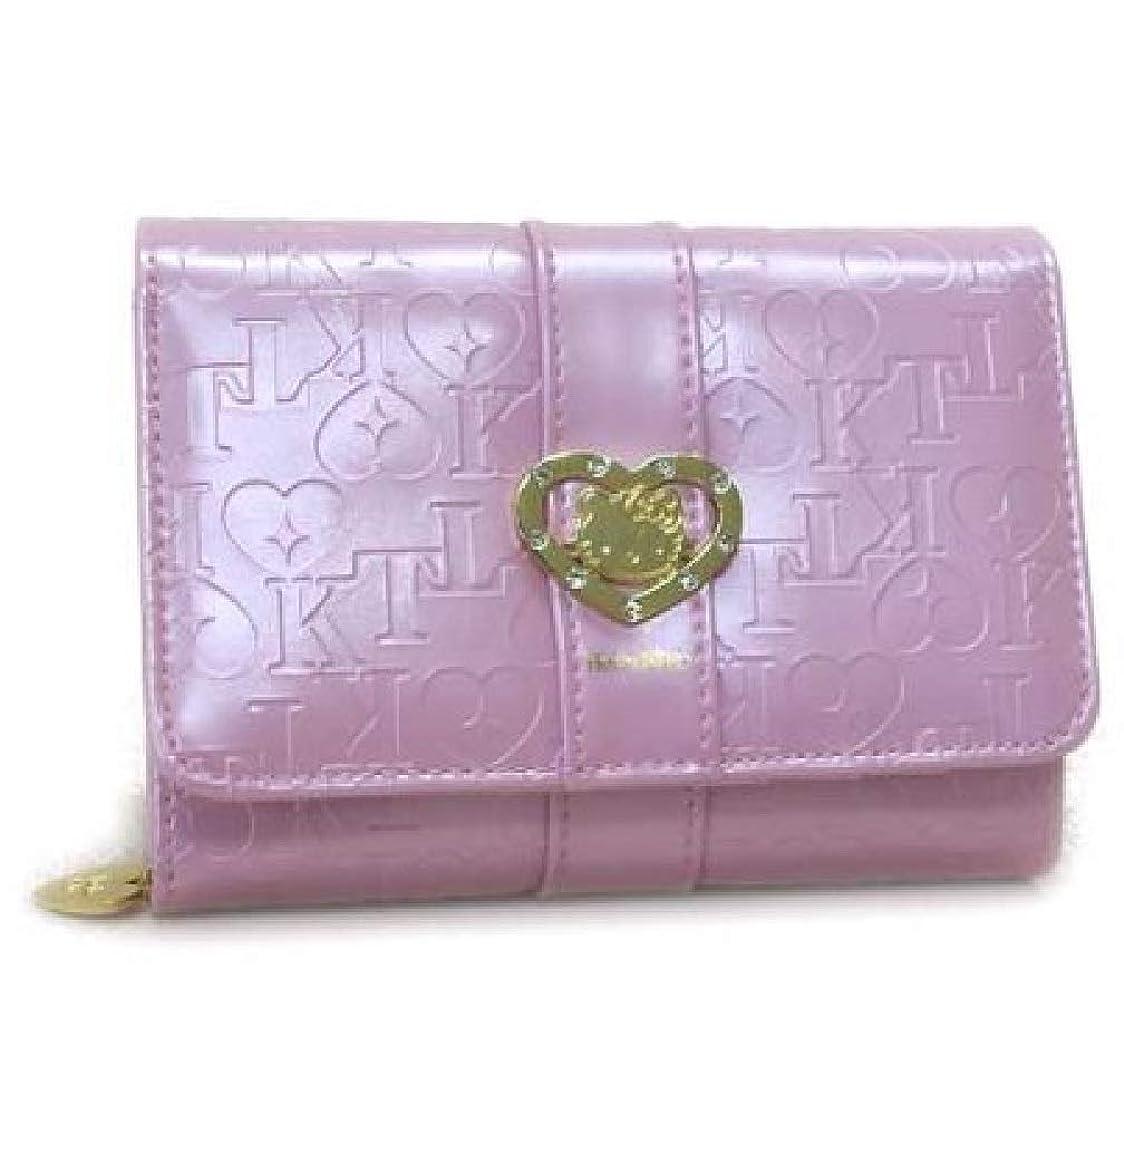 究極の語良さハローキティ HELLO KITTY 二つ折り 短財布 HK14-3 ピンク